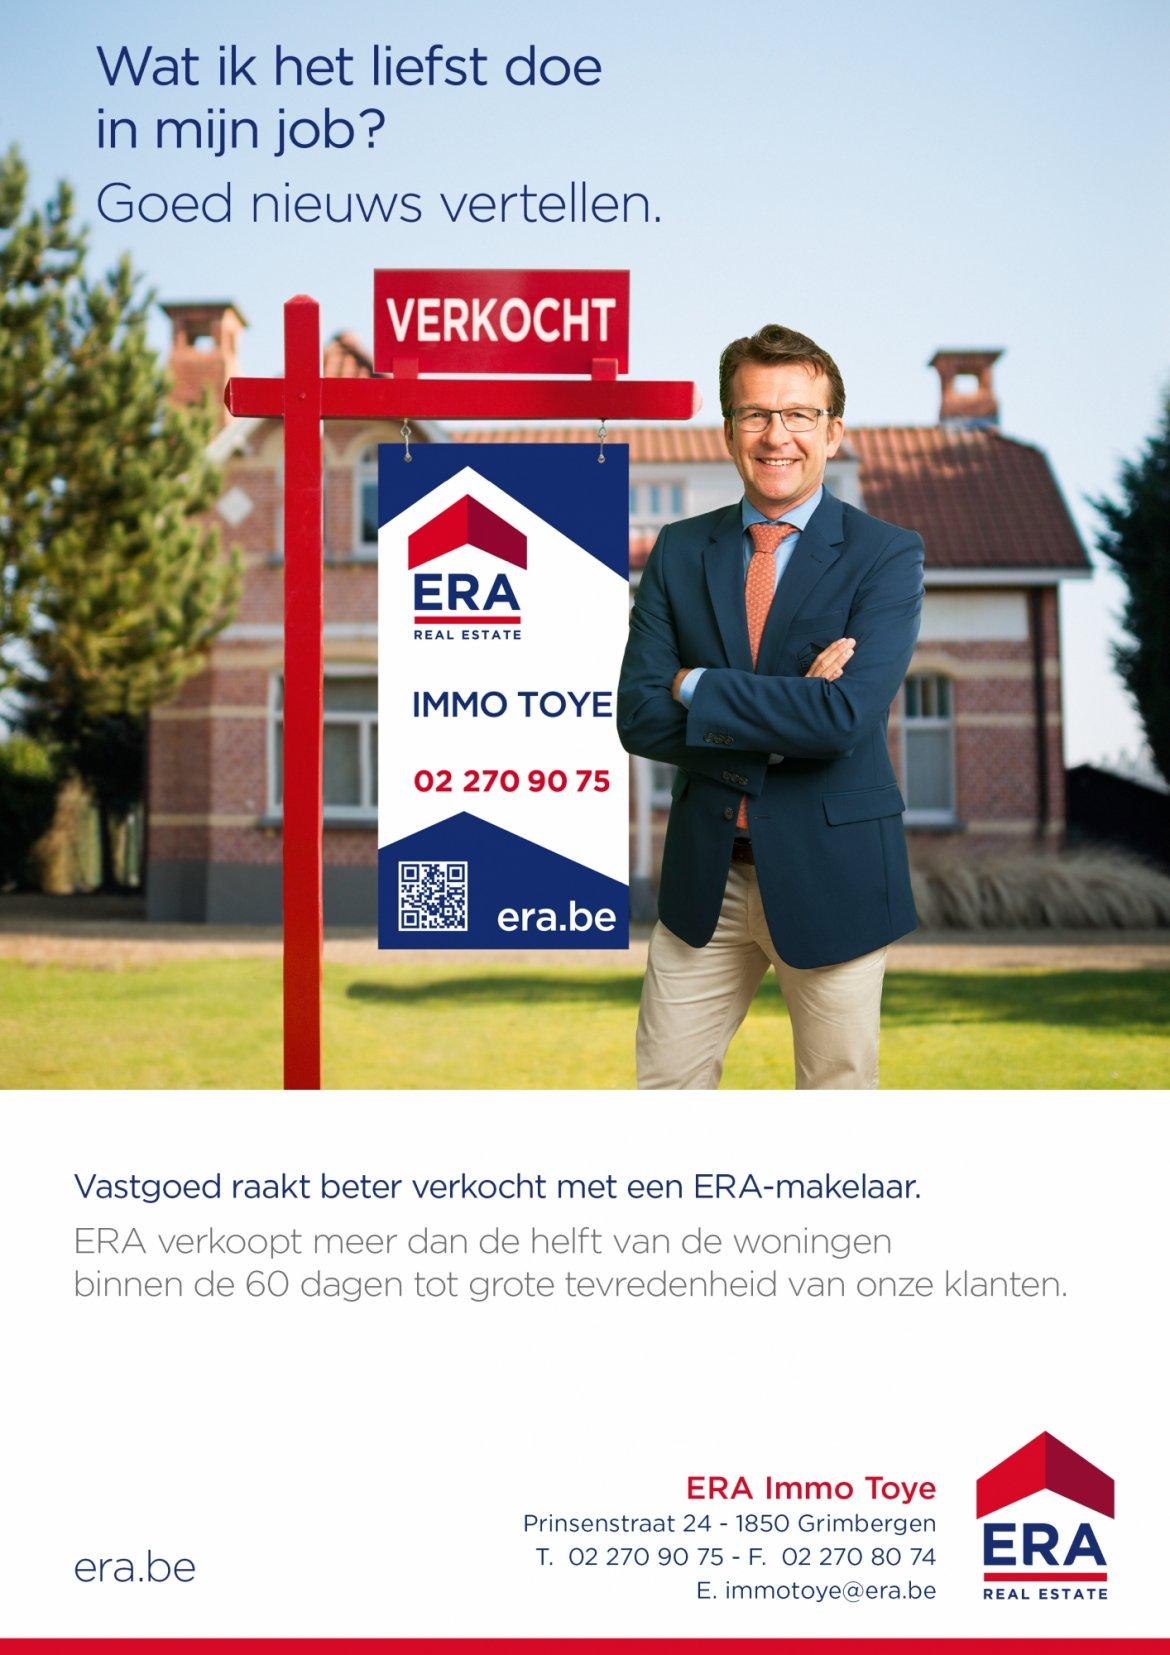 ERA Immo Toye - uw partner bij de verkoop van uw appartement, garage of huis in regio Grimbergen, Vilvoorde en Meise.